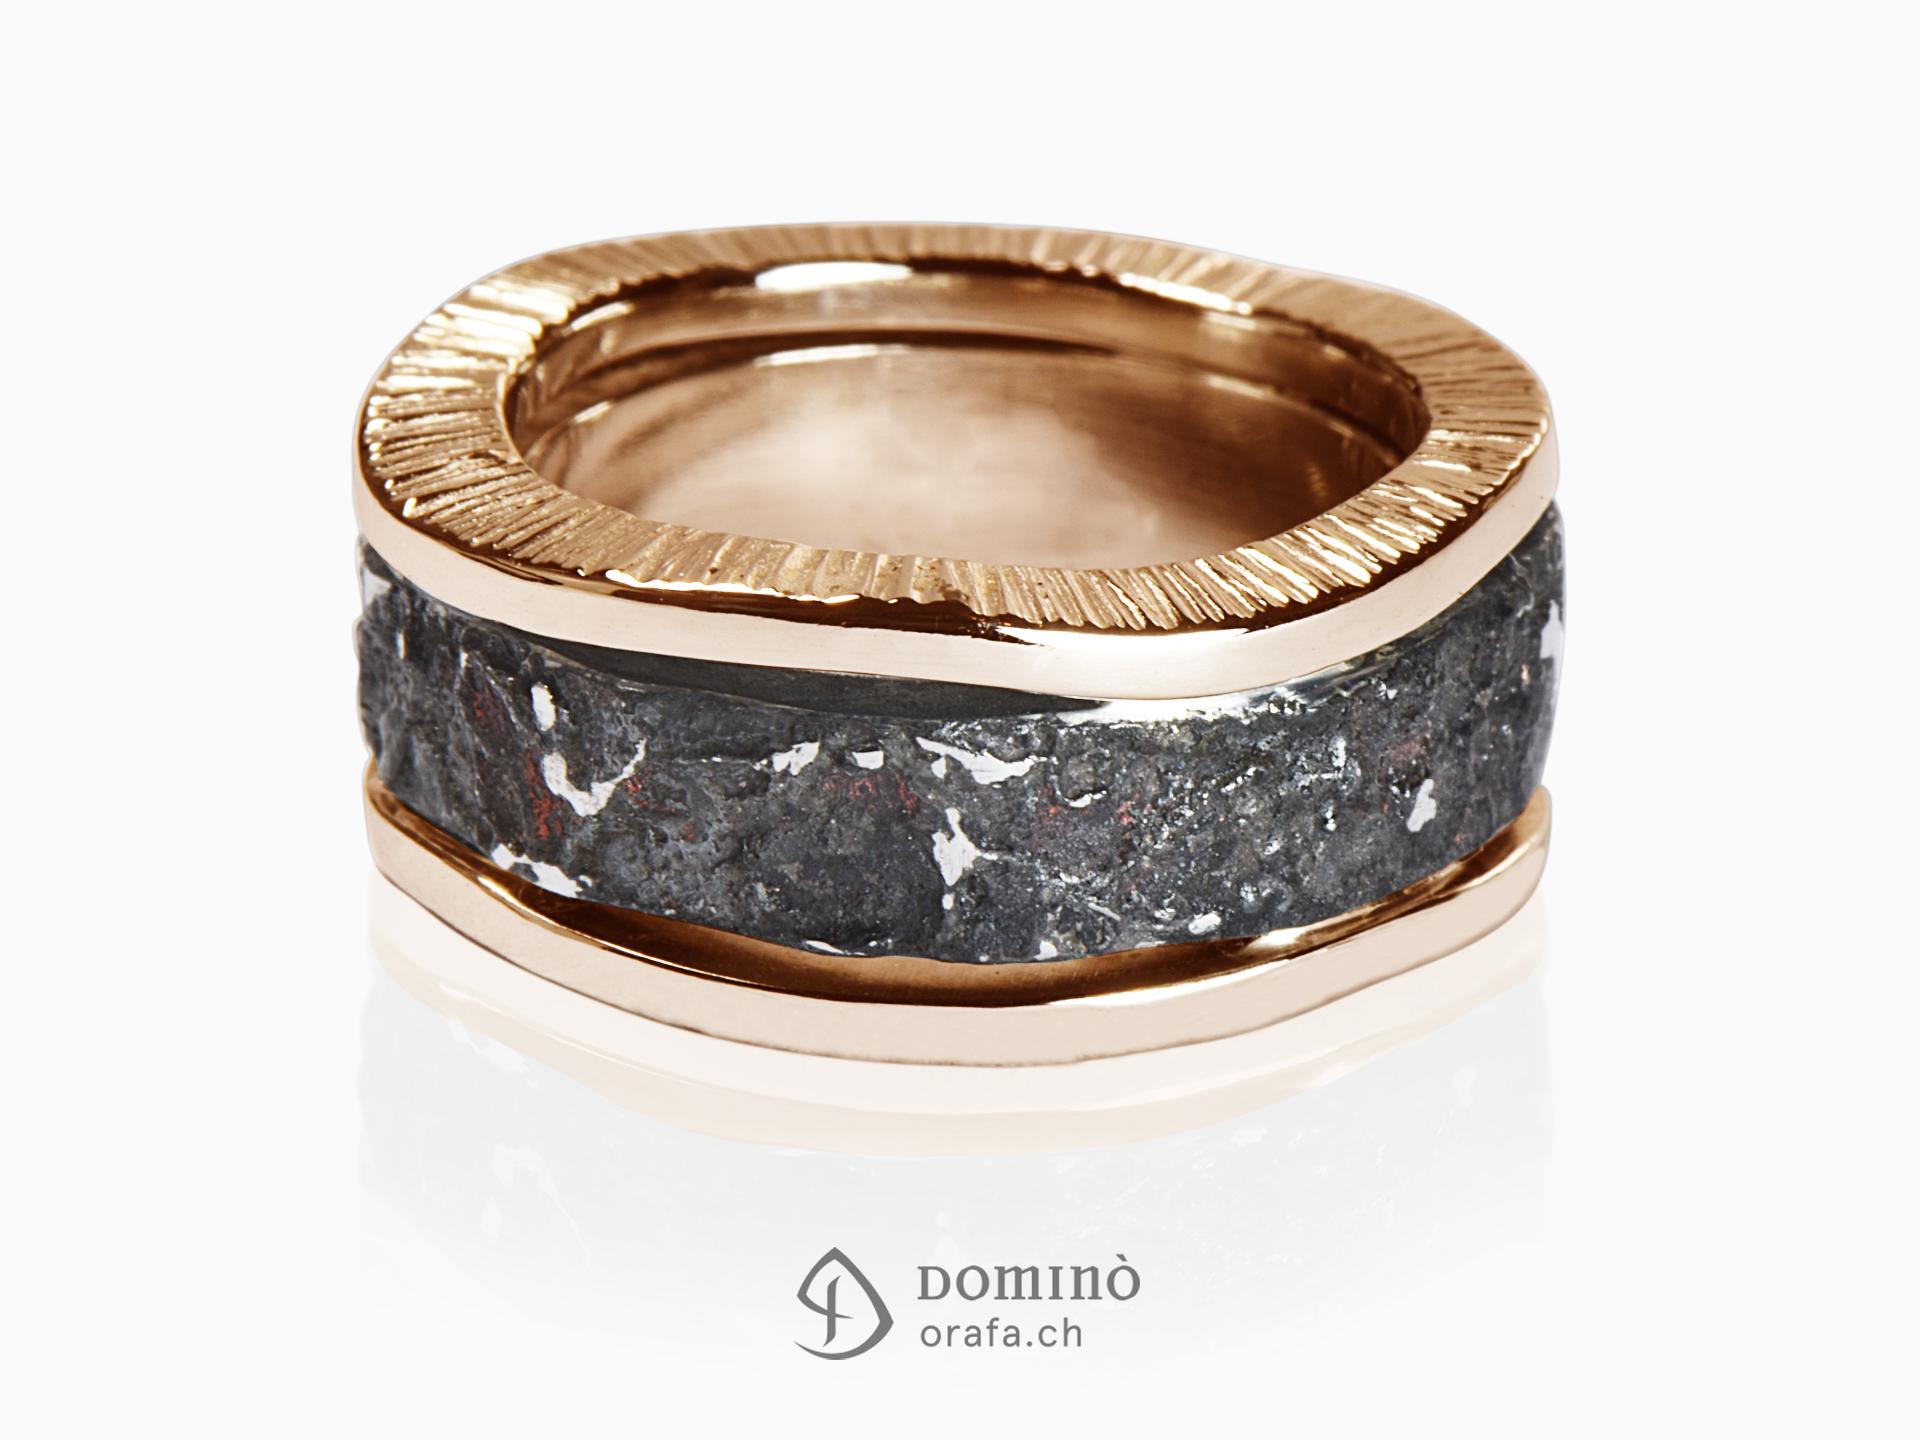 anello-oceano-ferro-metallo-prezioso-bordi-irregolari-1